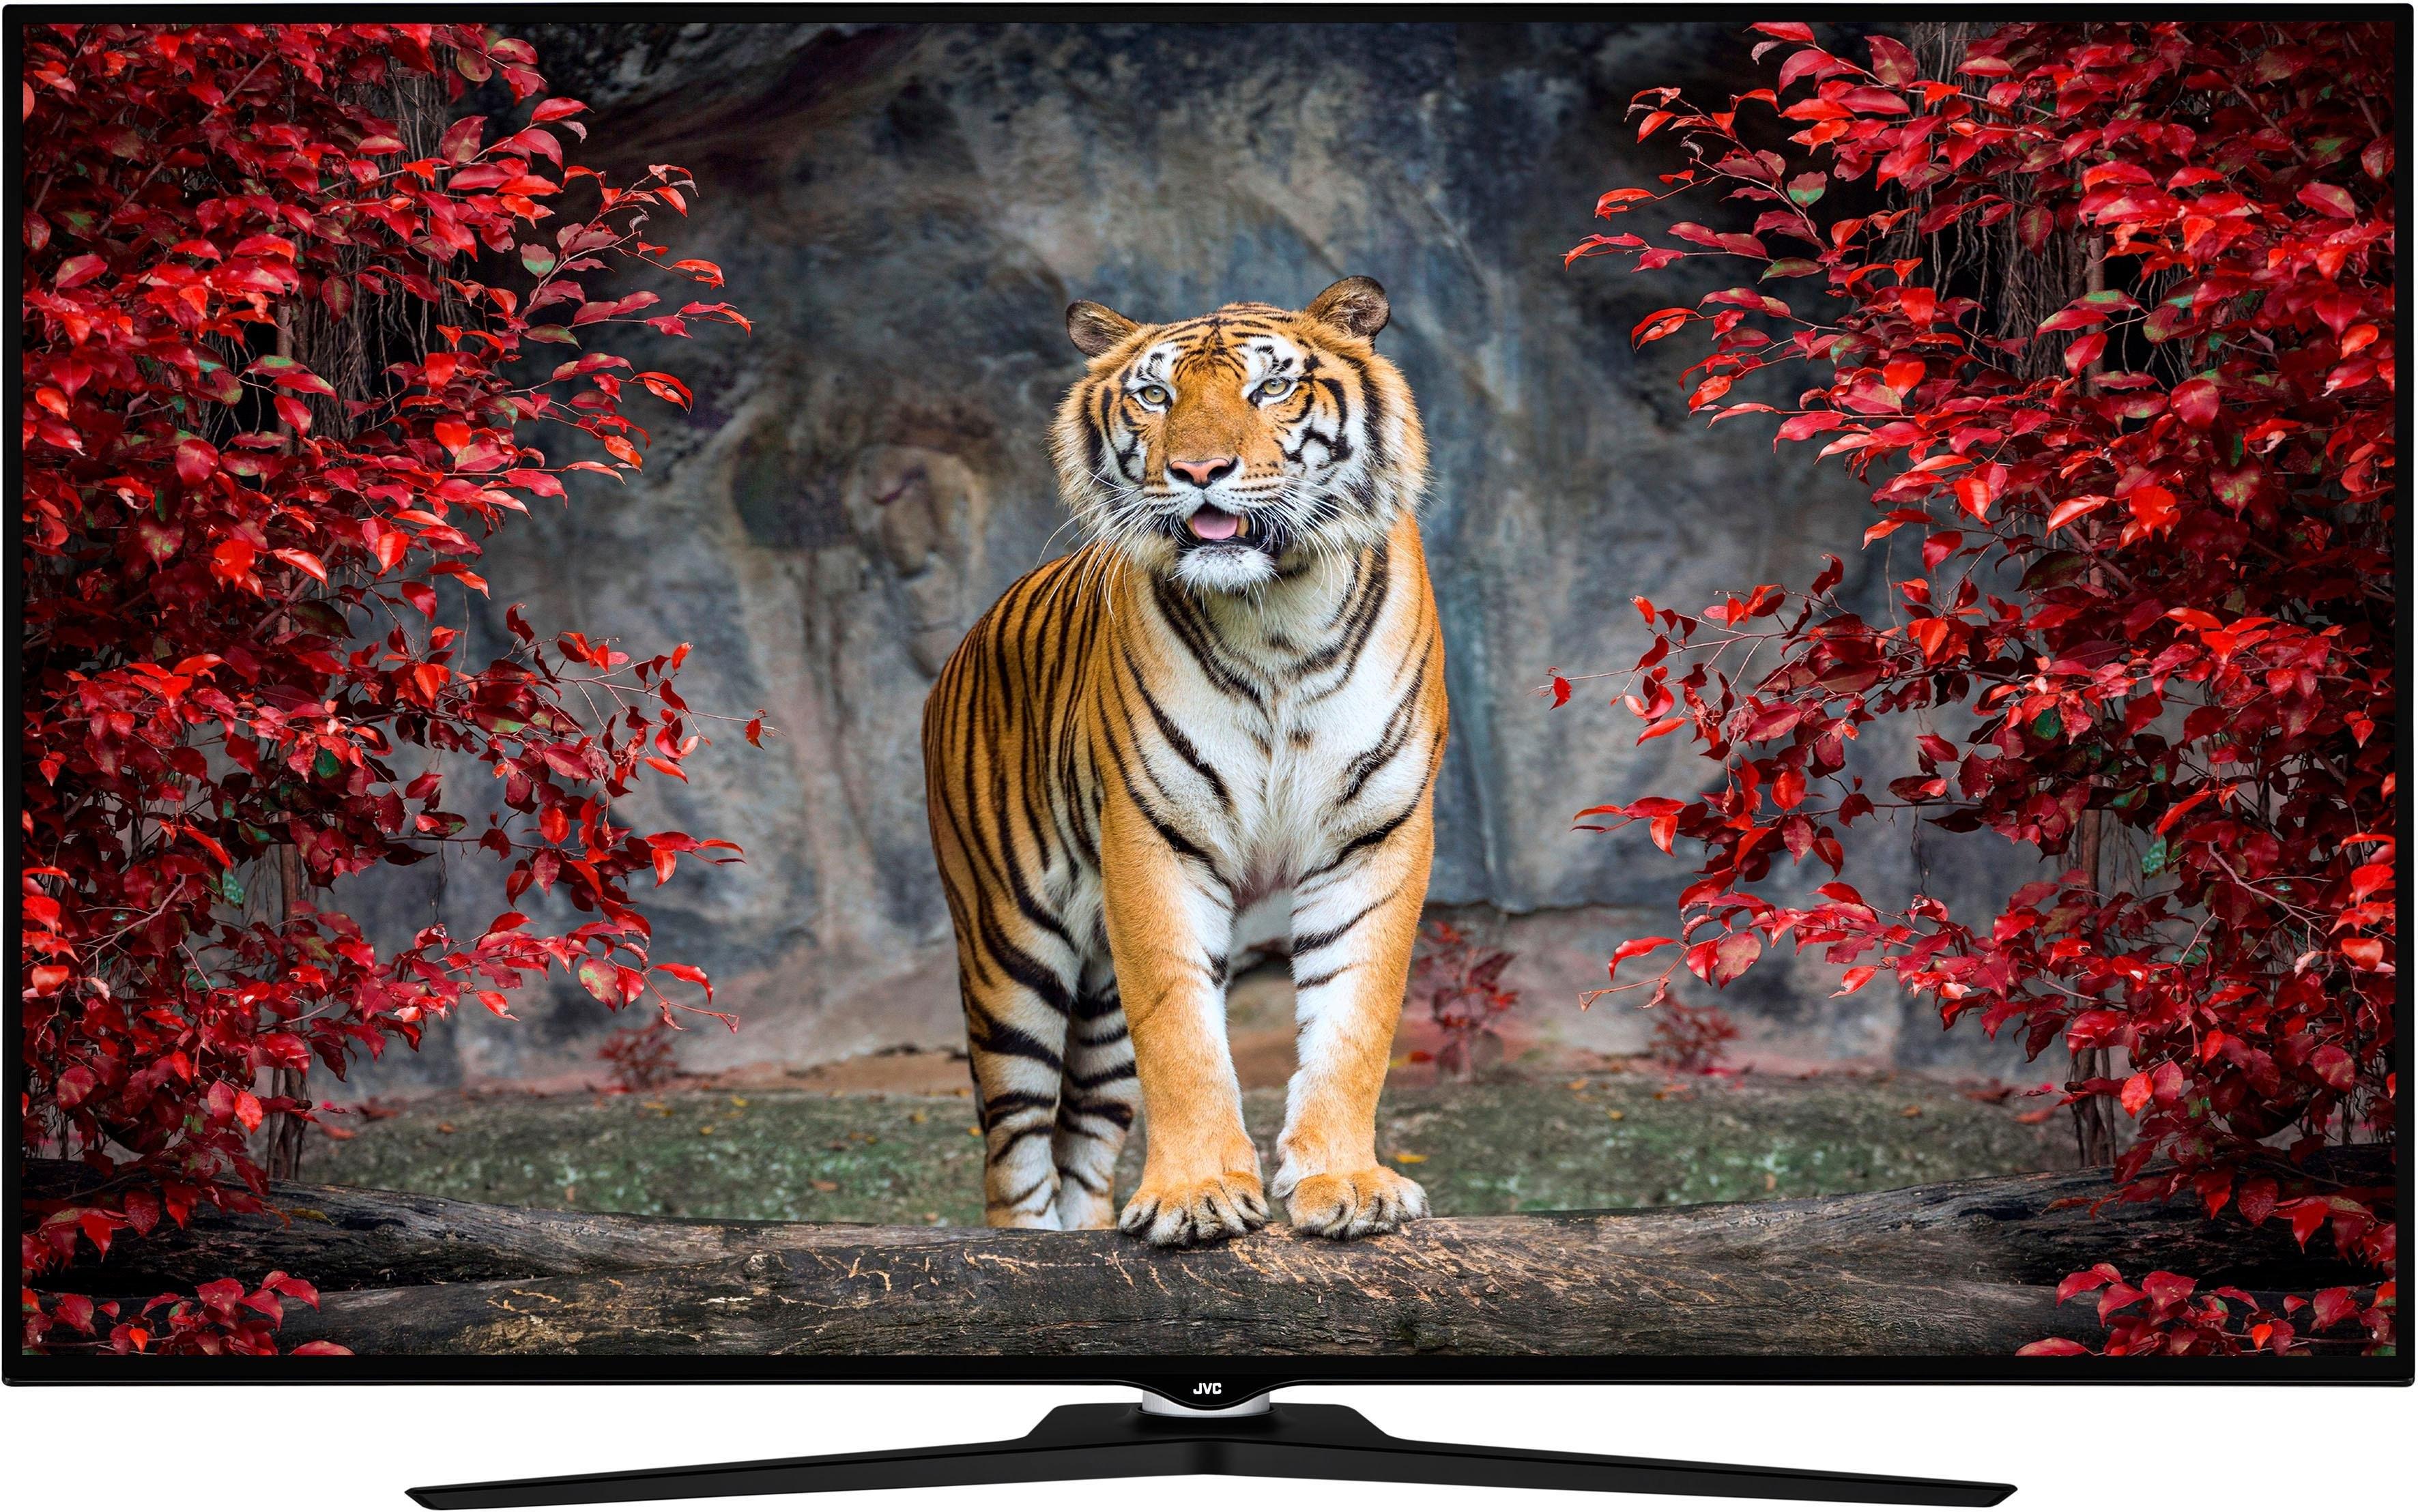 JVC LT-55VU980 led-tv (55 inch), 4K Ultra HD, smart-tv - gratis ruilen op otto.nl